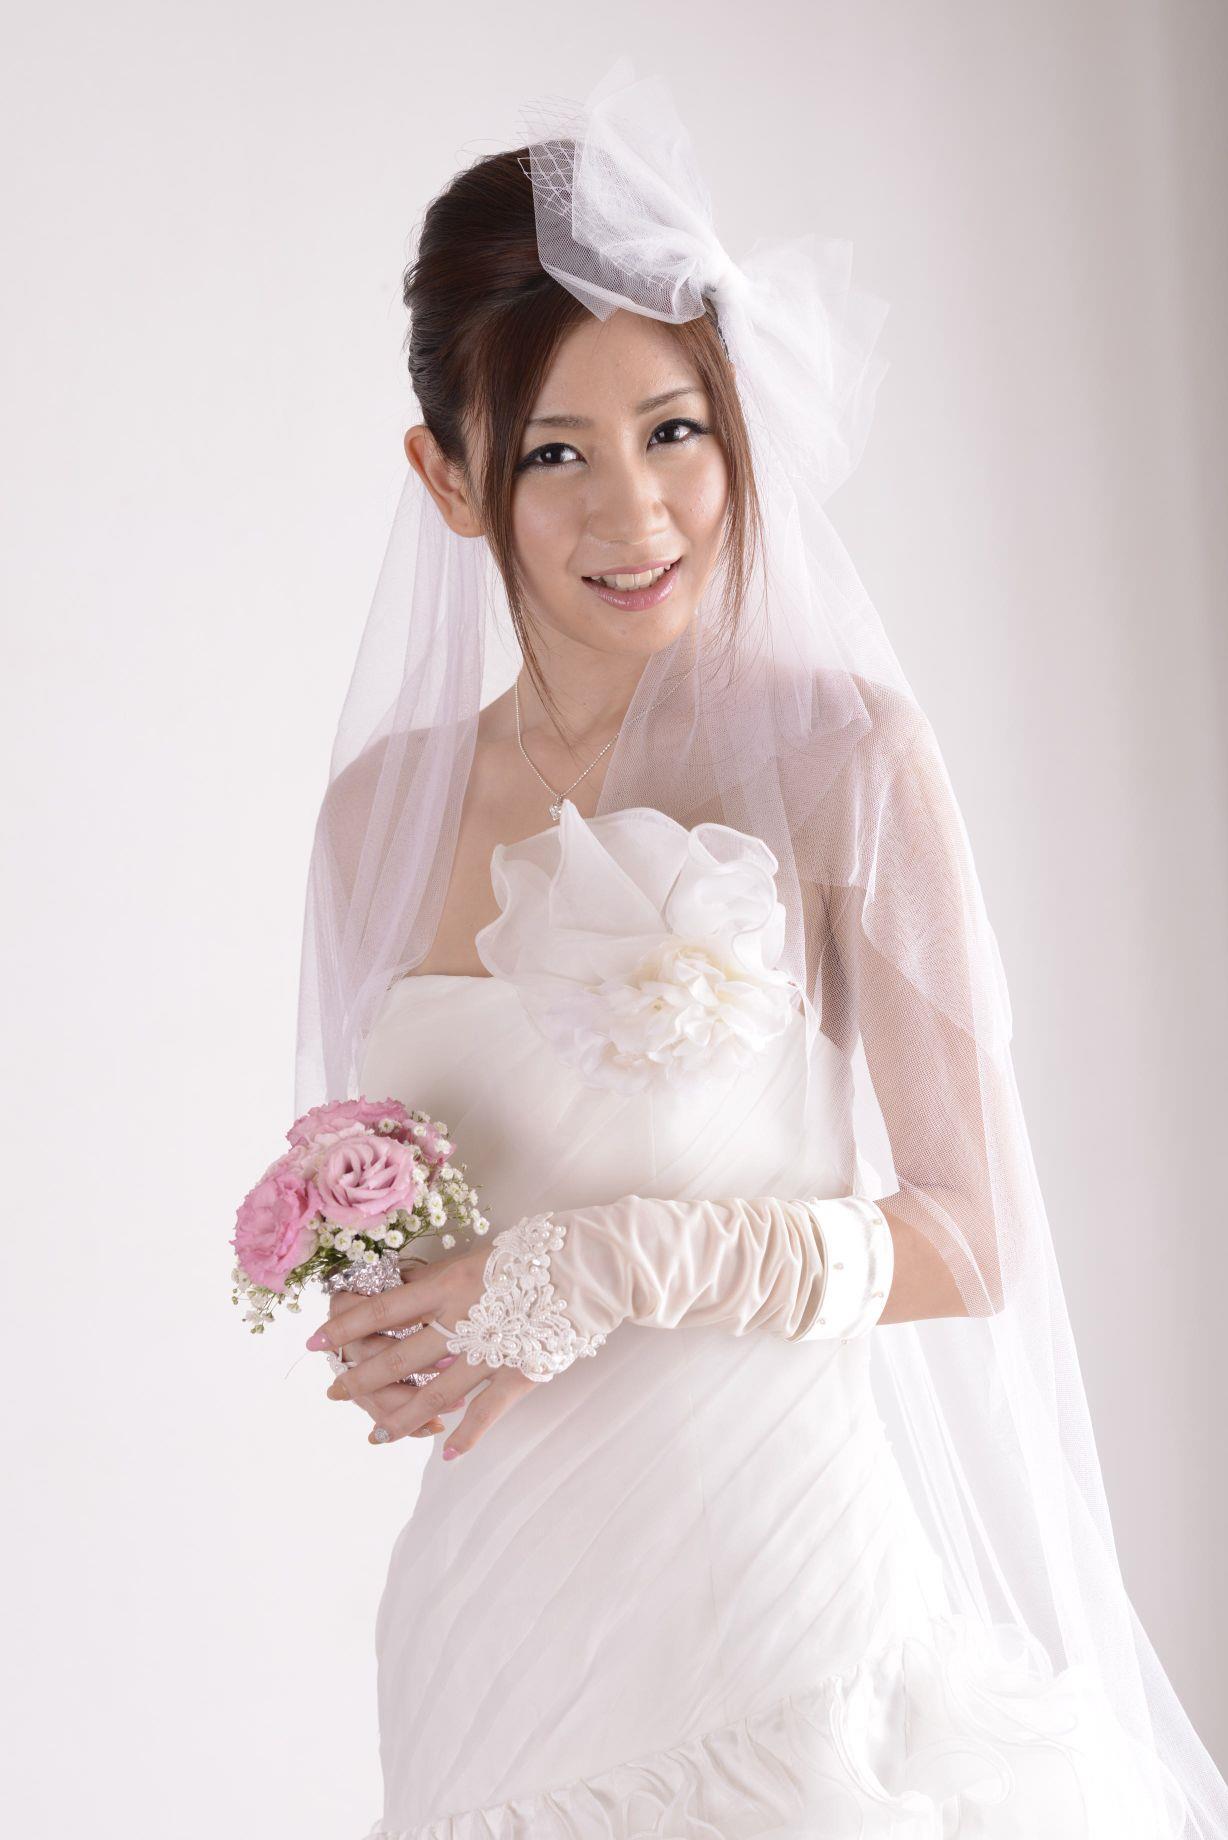 前田かおり ウェディングドレス画像 26